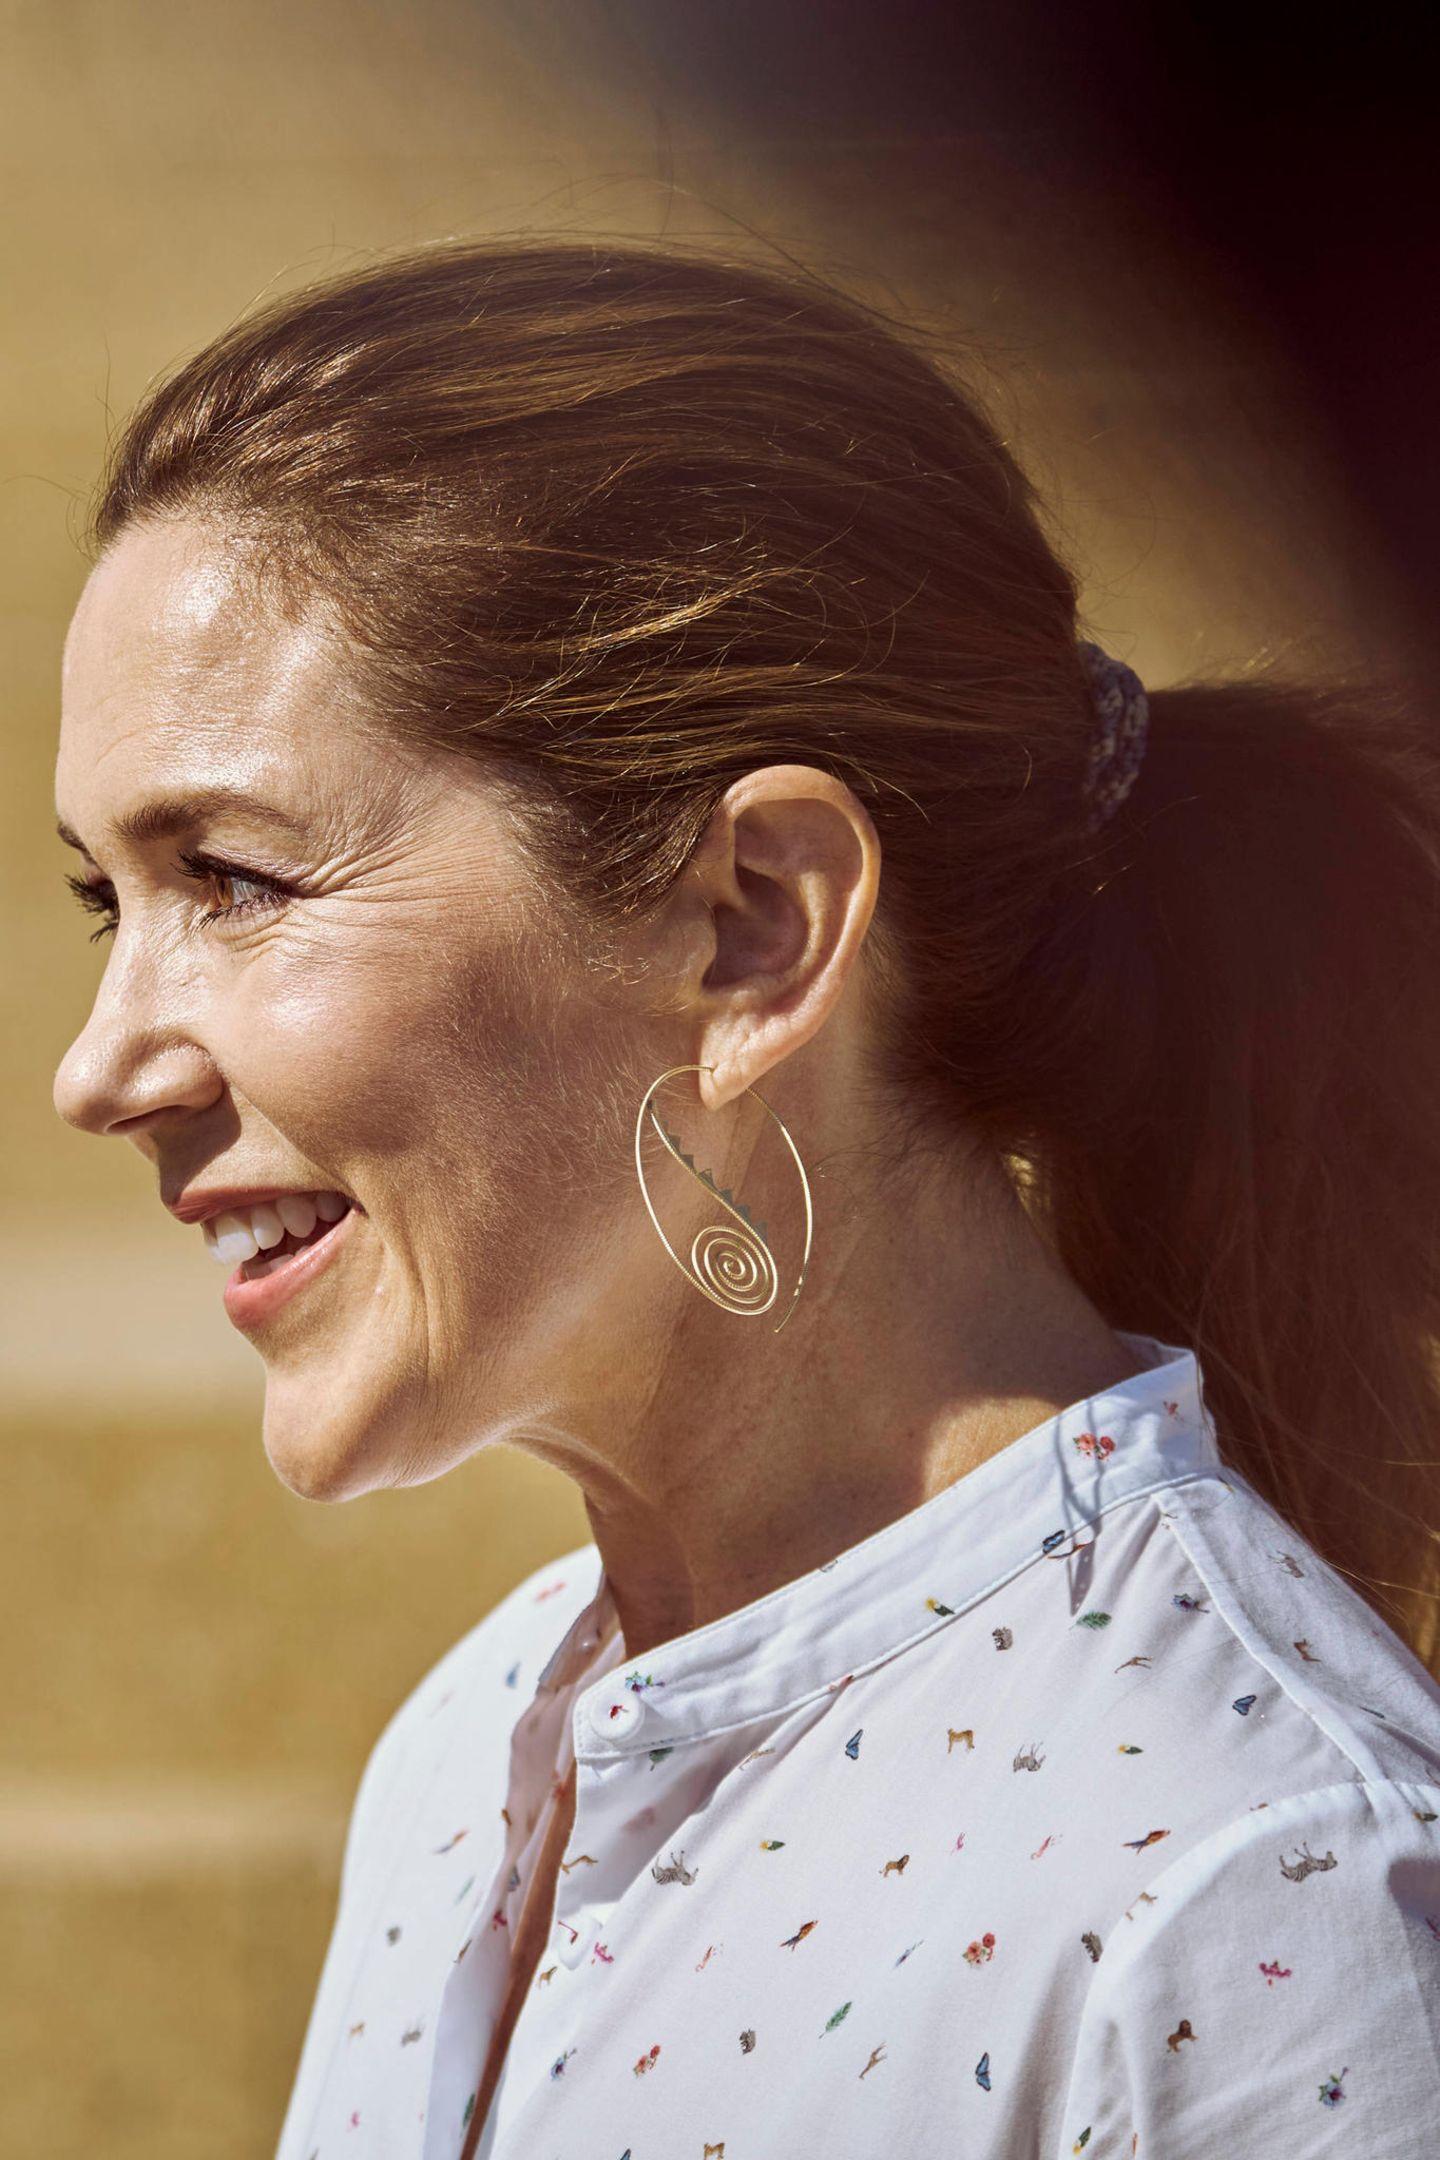 Die Prinzessin trägt nämlich ungewöhnlichunkonventionelle Ohrringe. Die zierlichen Goldcreolen mit Schnecken-Ornamenten geben Marys klassischem Business-Outfitden persönlichen Touch und sind das heimliche Highlight des royalen Looks.